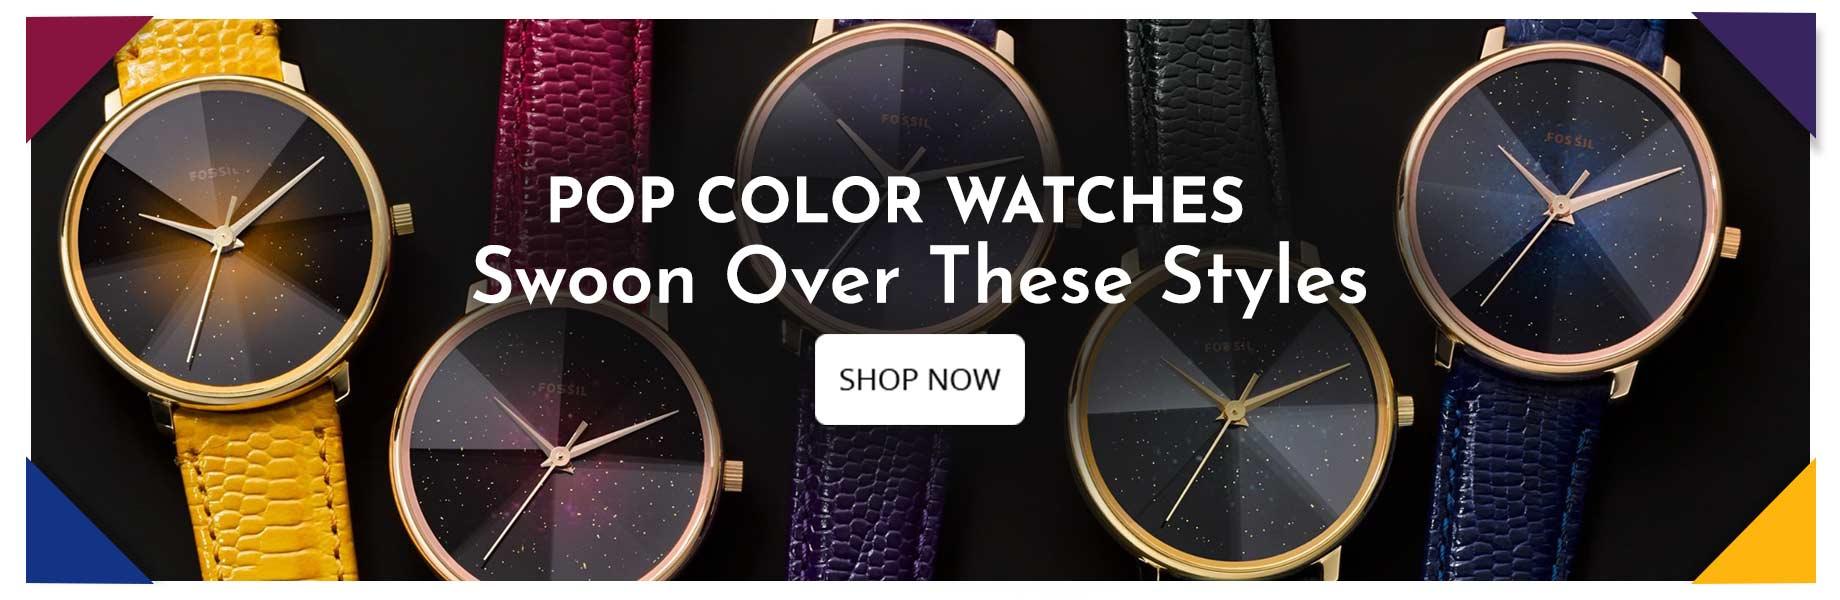 Pop-Colour-Watches